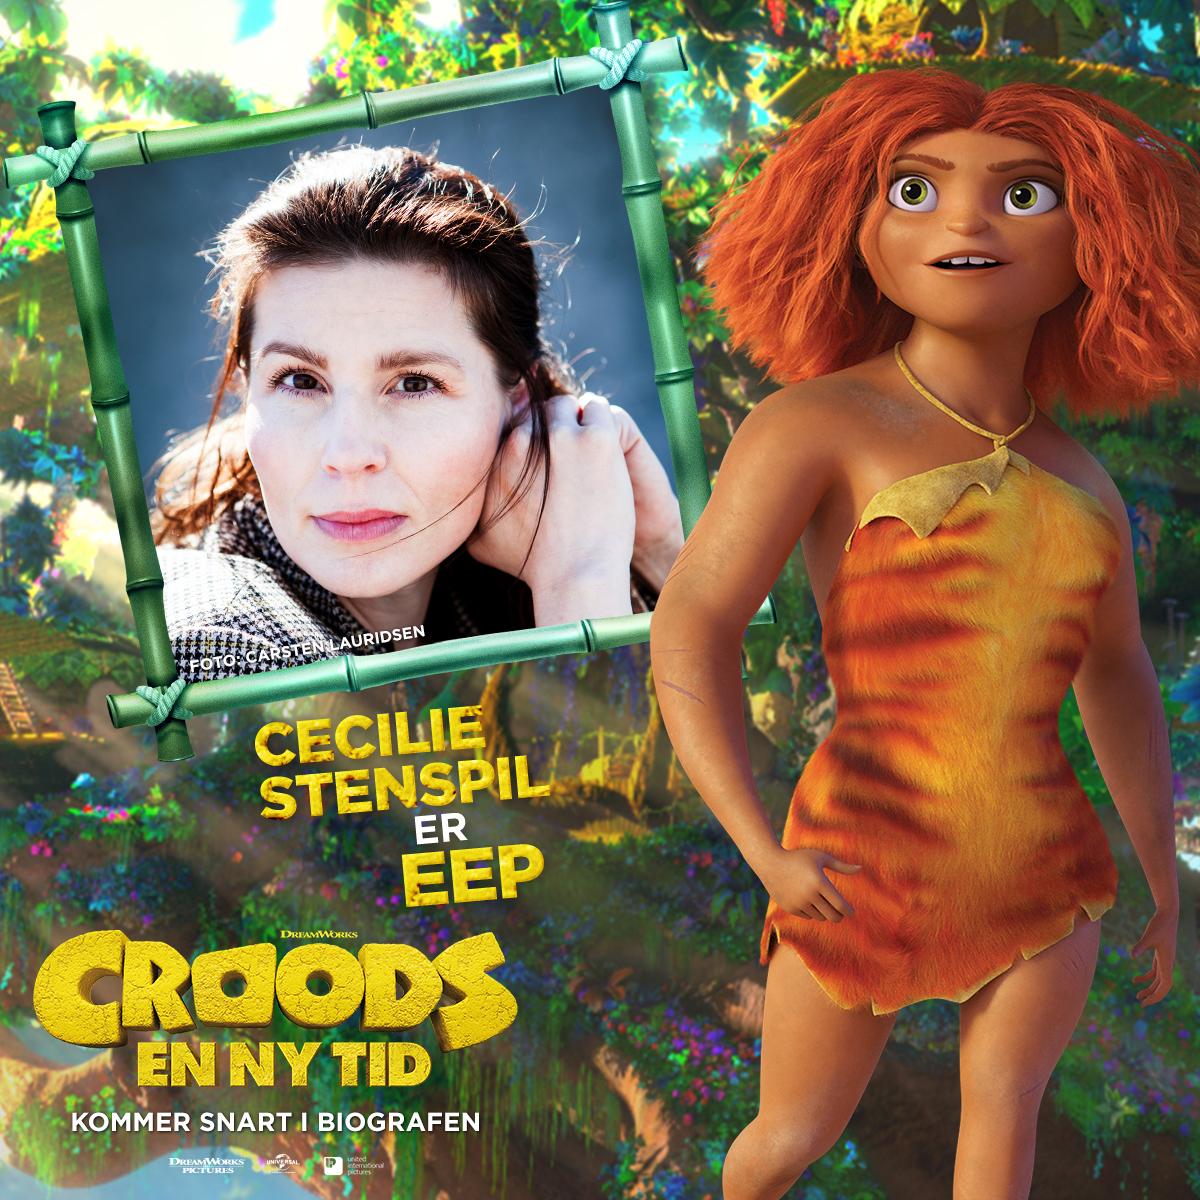 Croods - Karakterkort - Eep (Cecilie Stenspil)